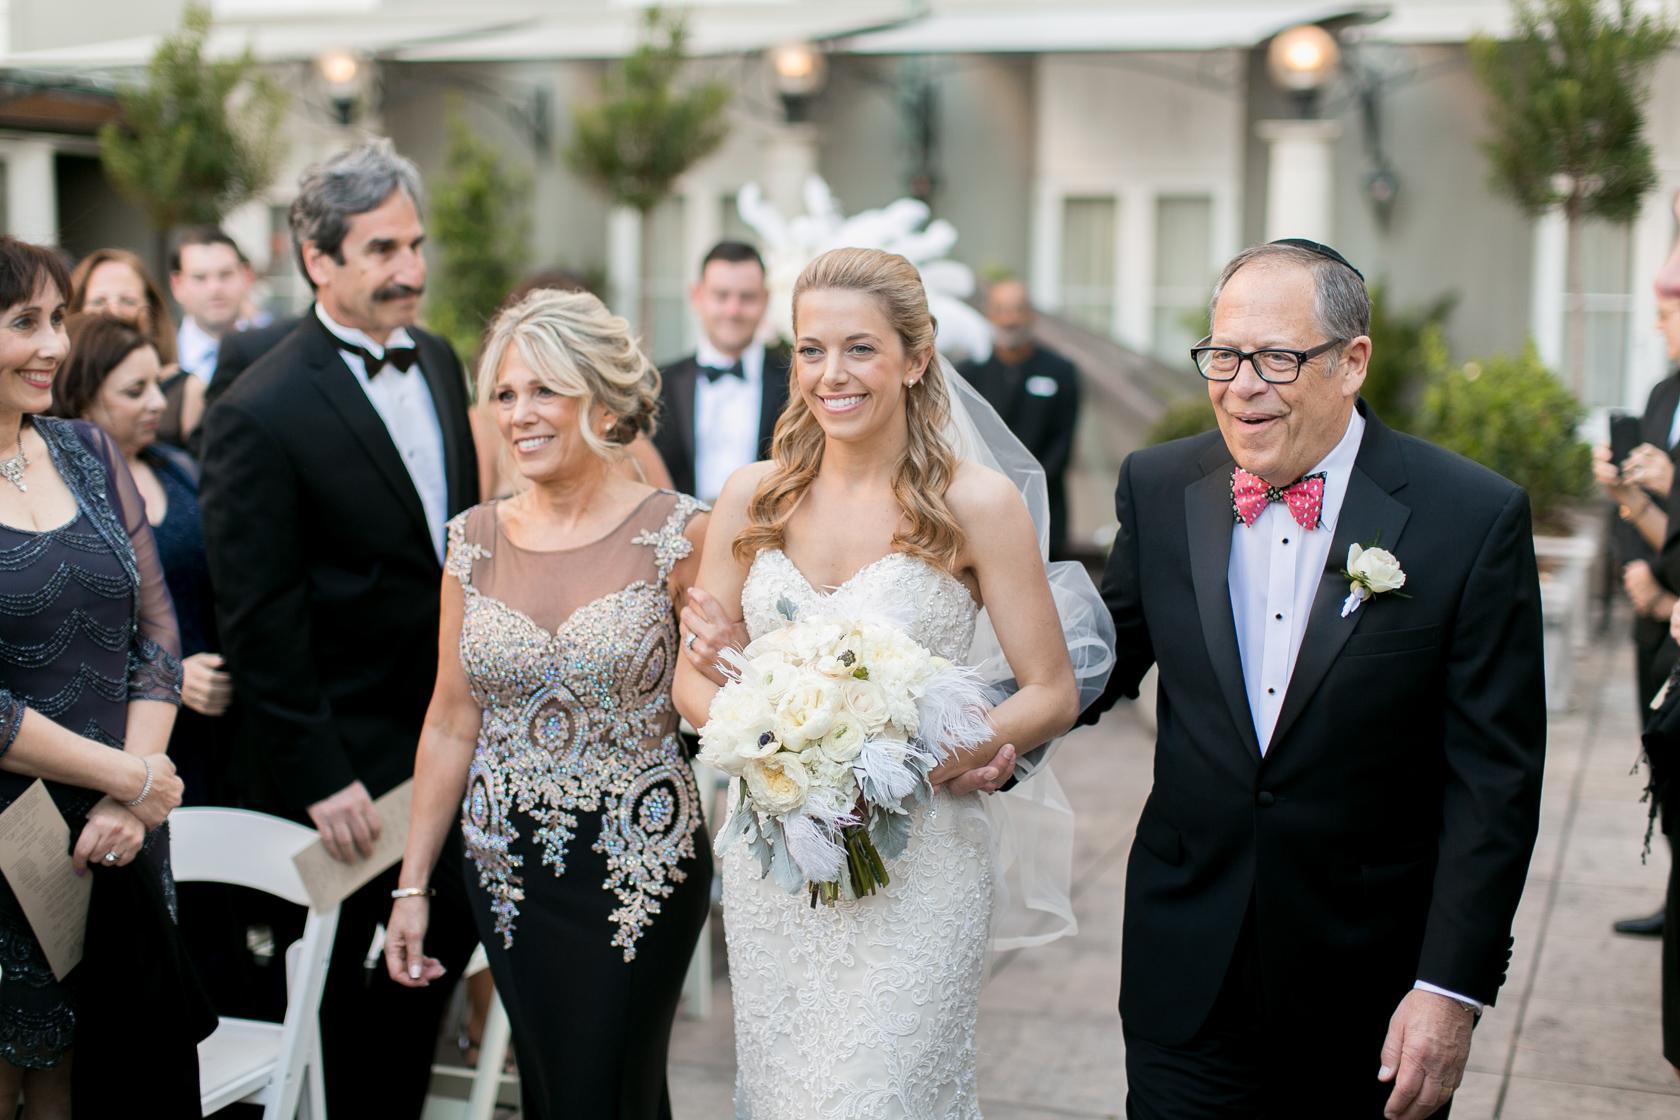 omni royal orleans courtyard wedding ceremony